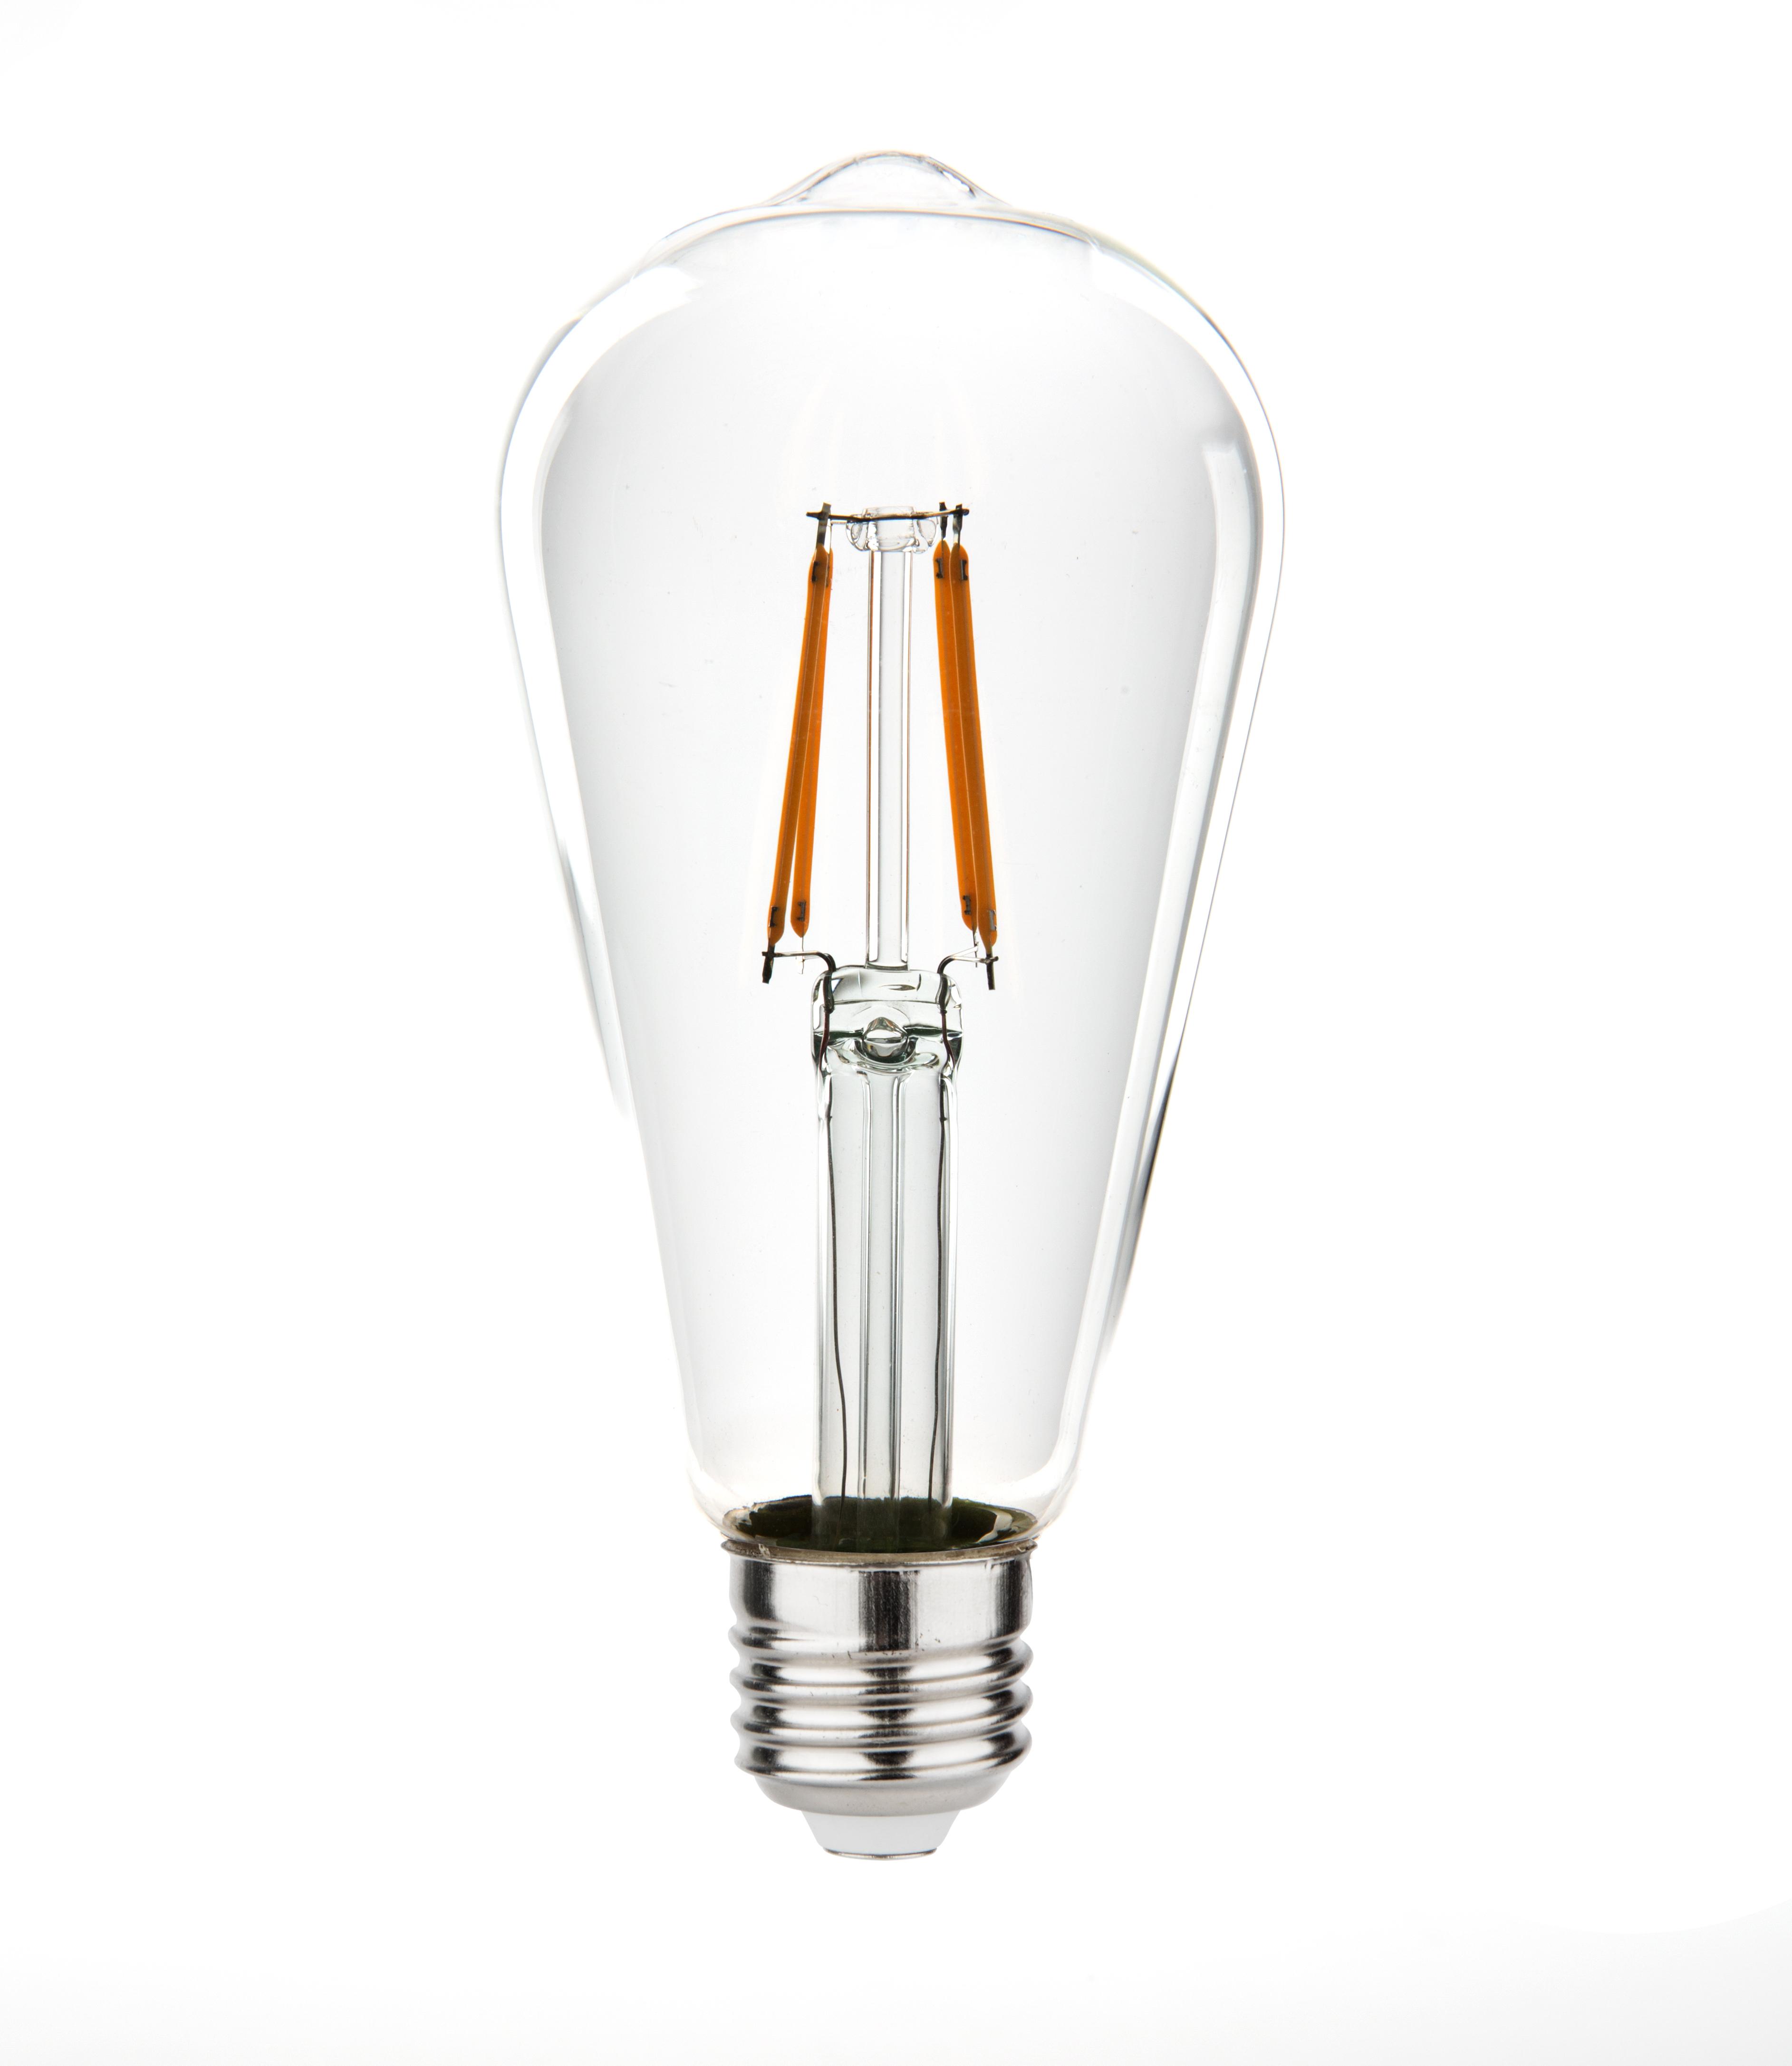 lampadine a filamento (Photo: Business Wire)